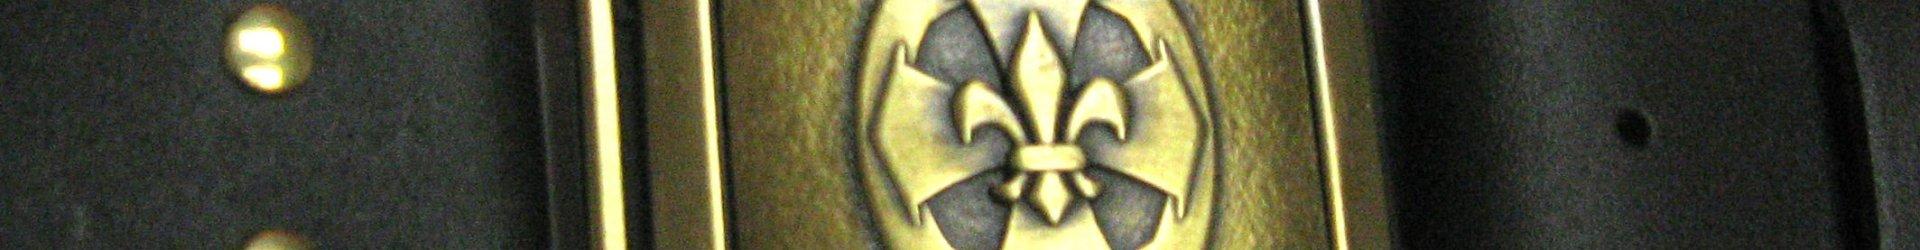 Ceinture AABP